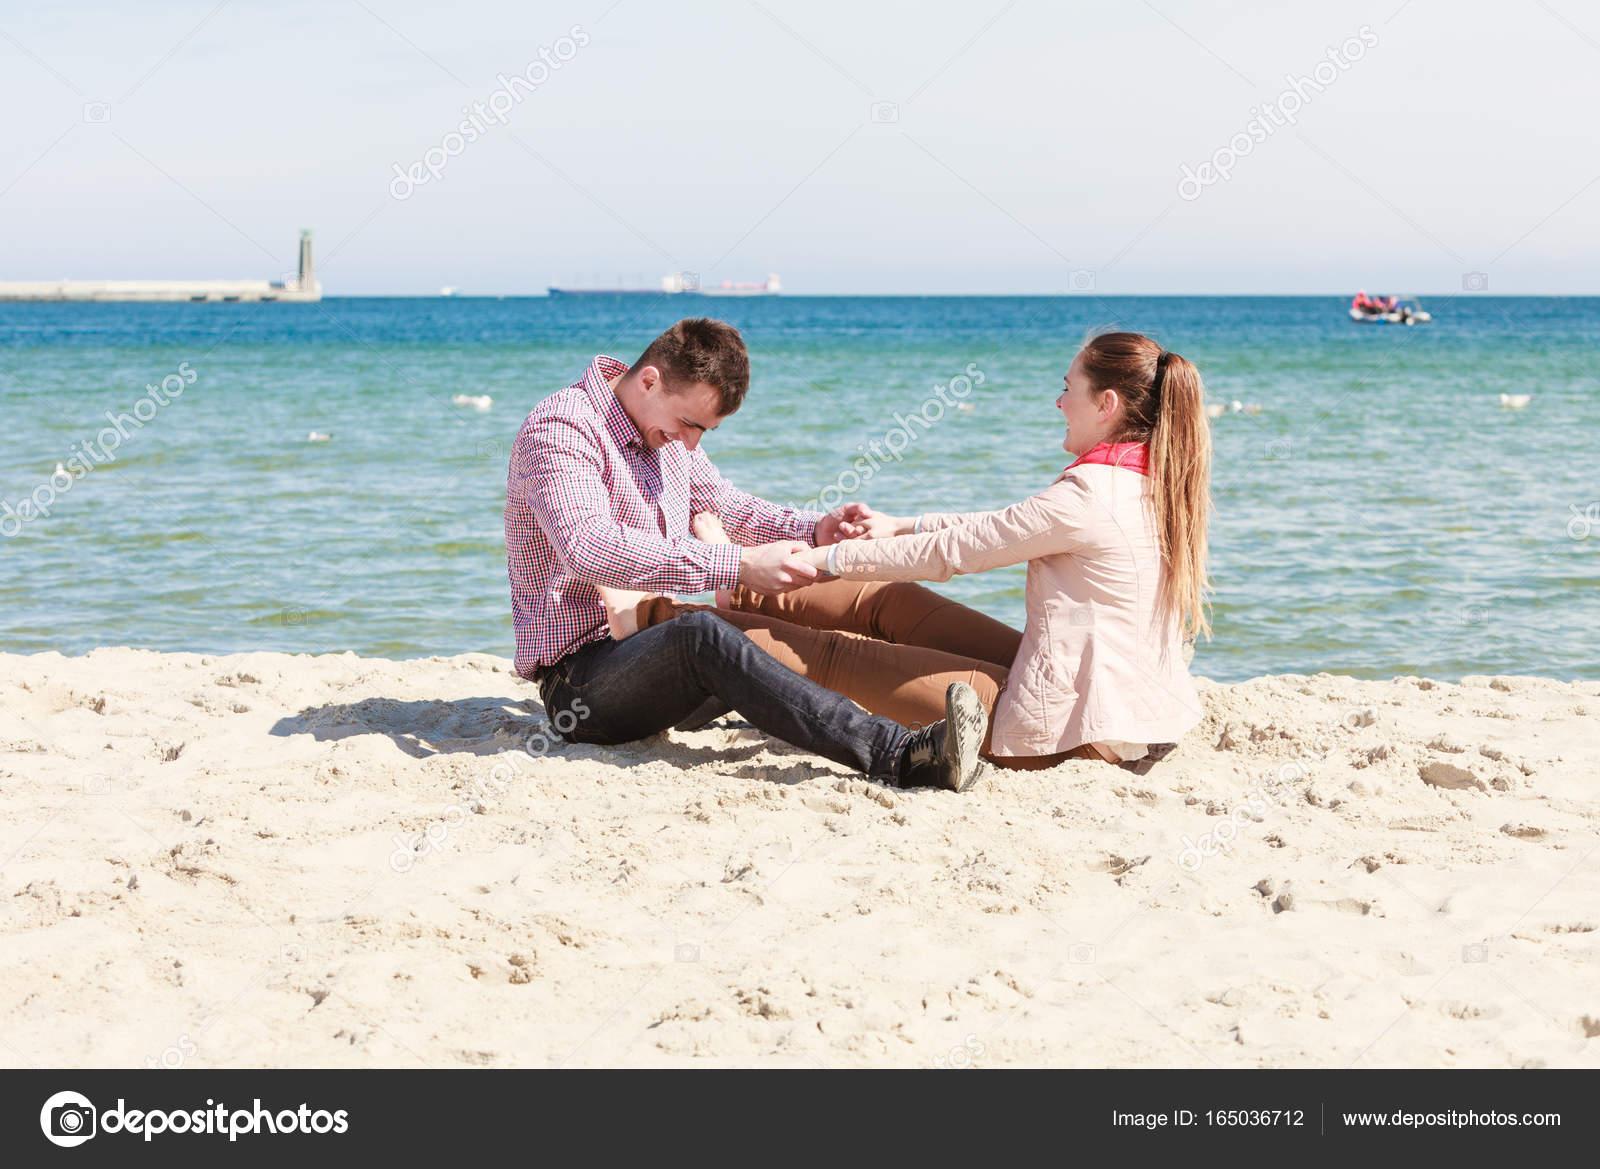 date am strand